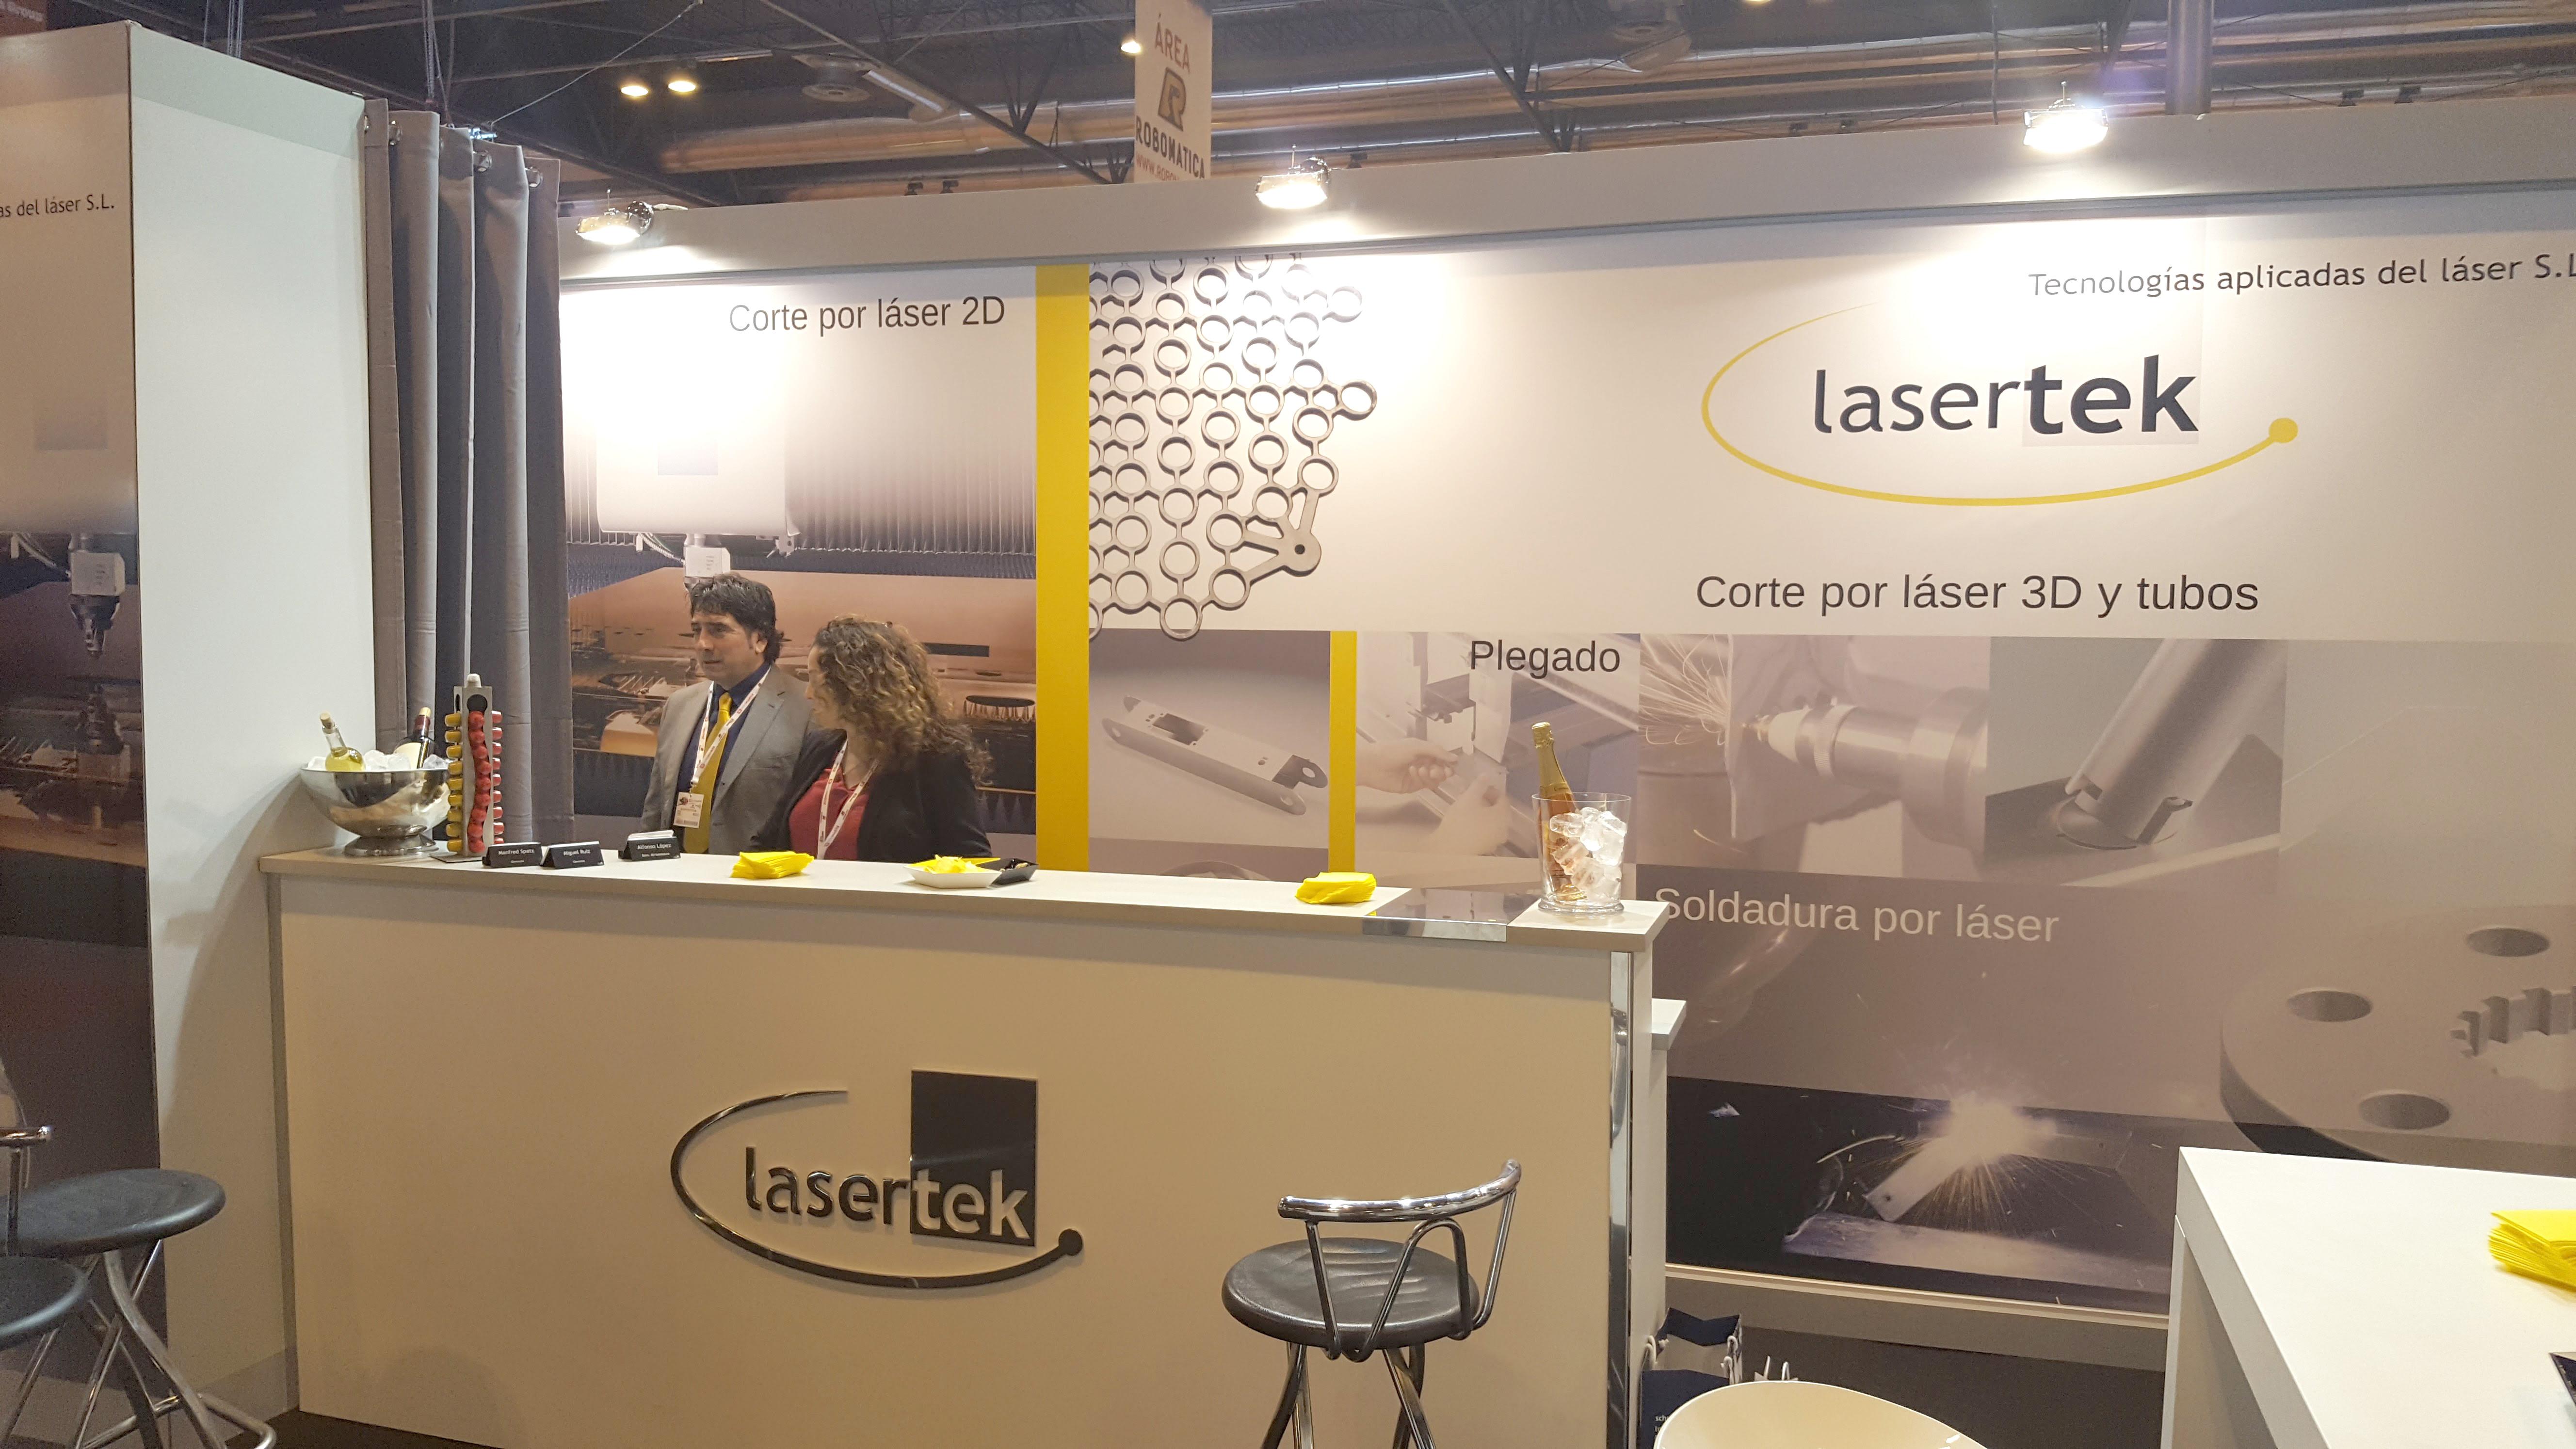 Stand Lasertek en Maetlamadrid 2017